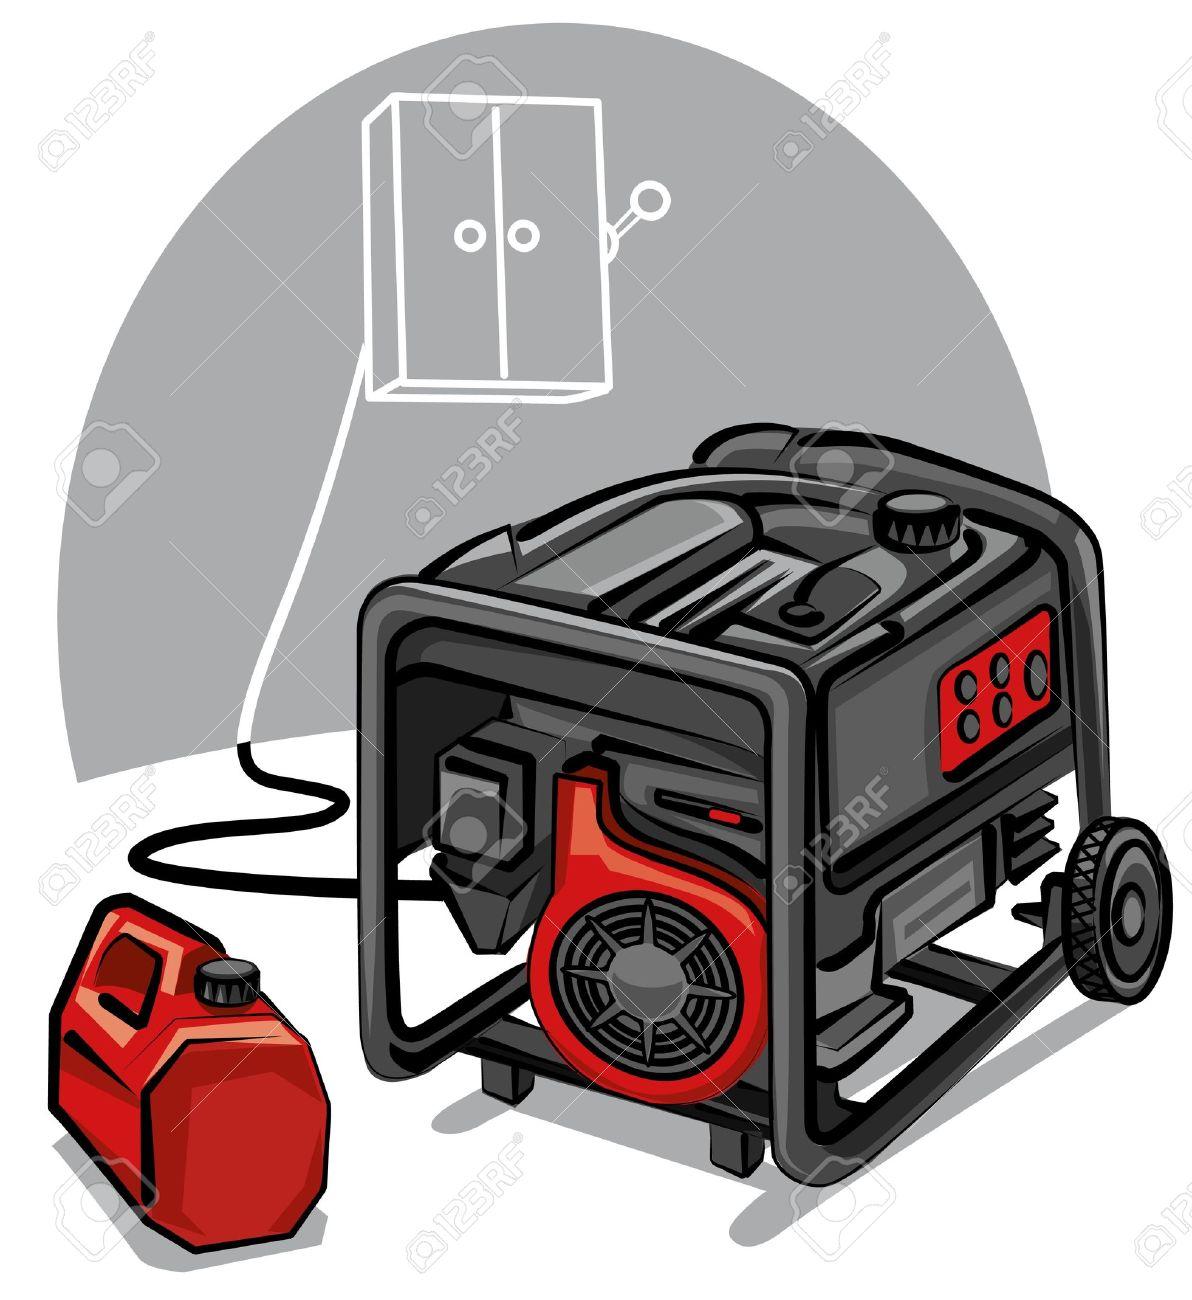 Clipart generator online.